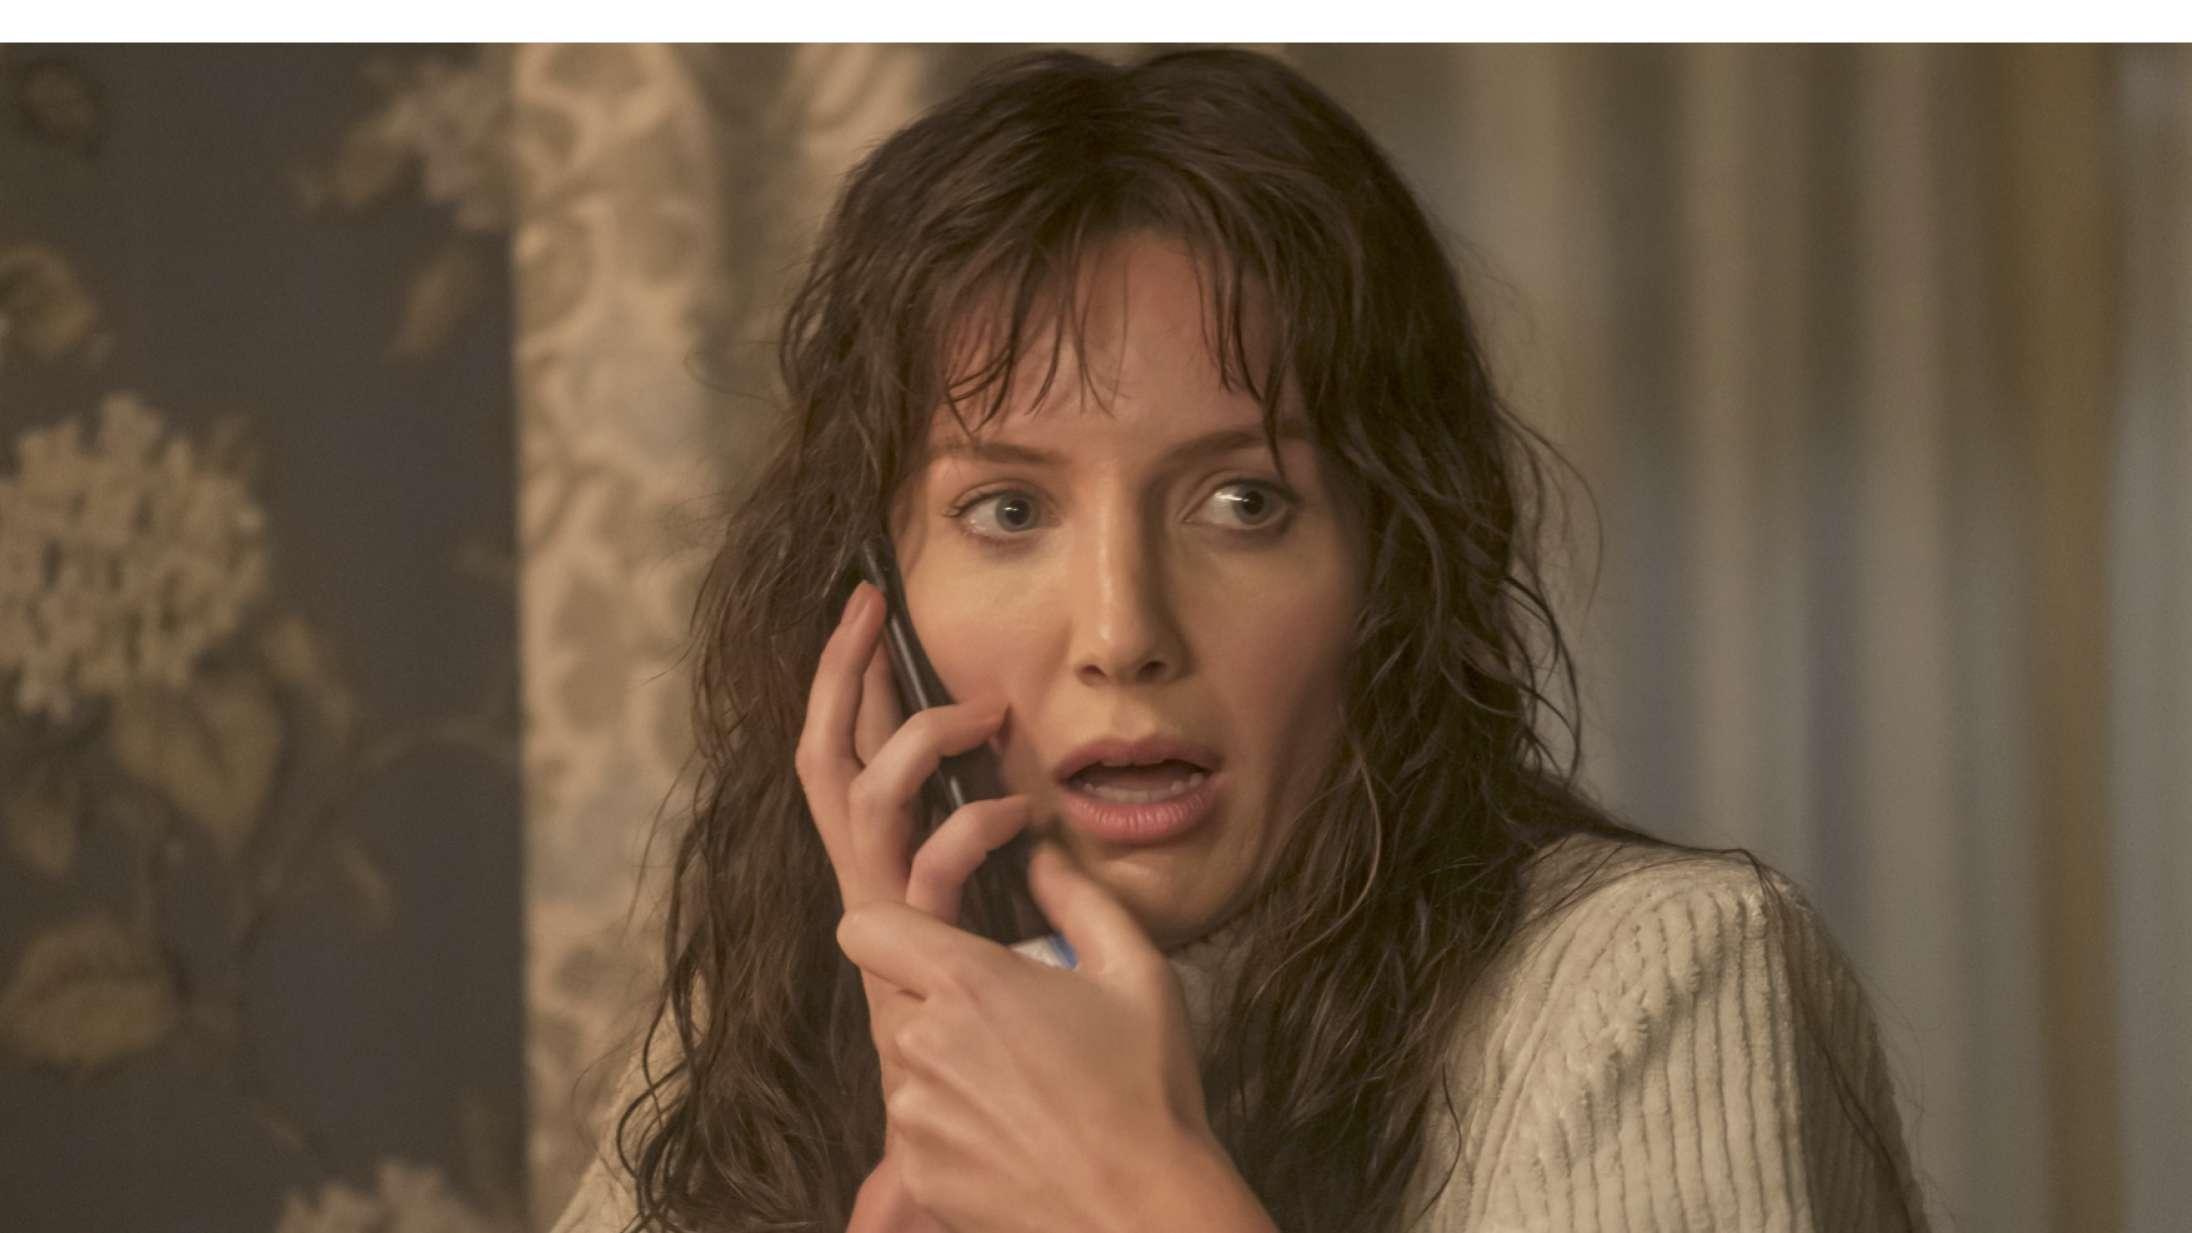 'Malignant': Når karaktererne i James Wans gyser begynder at joke, bliver det for mærkeligt